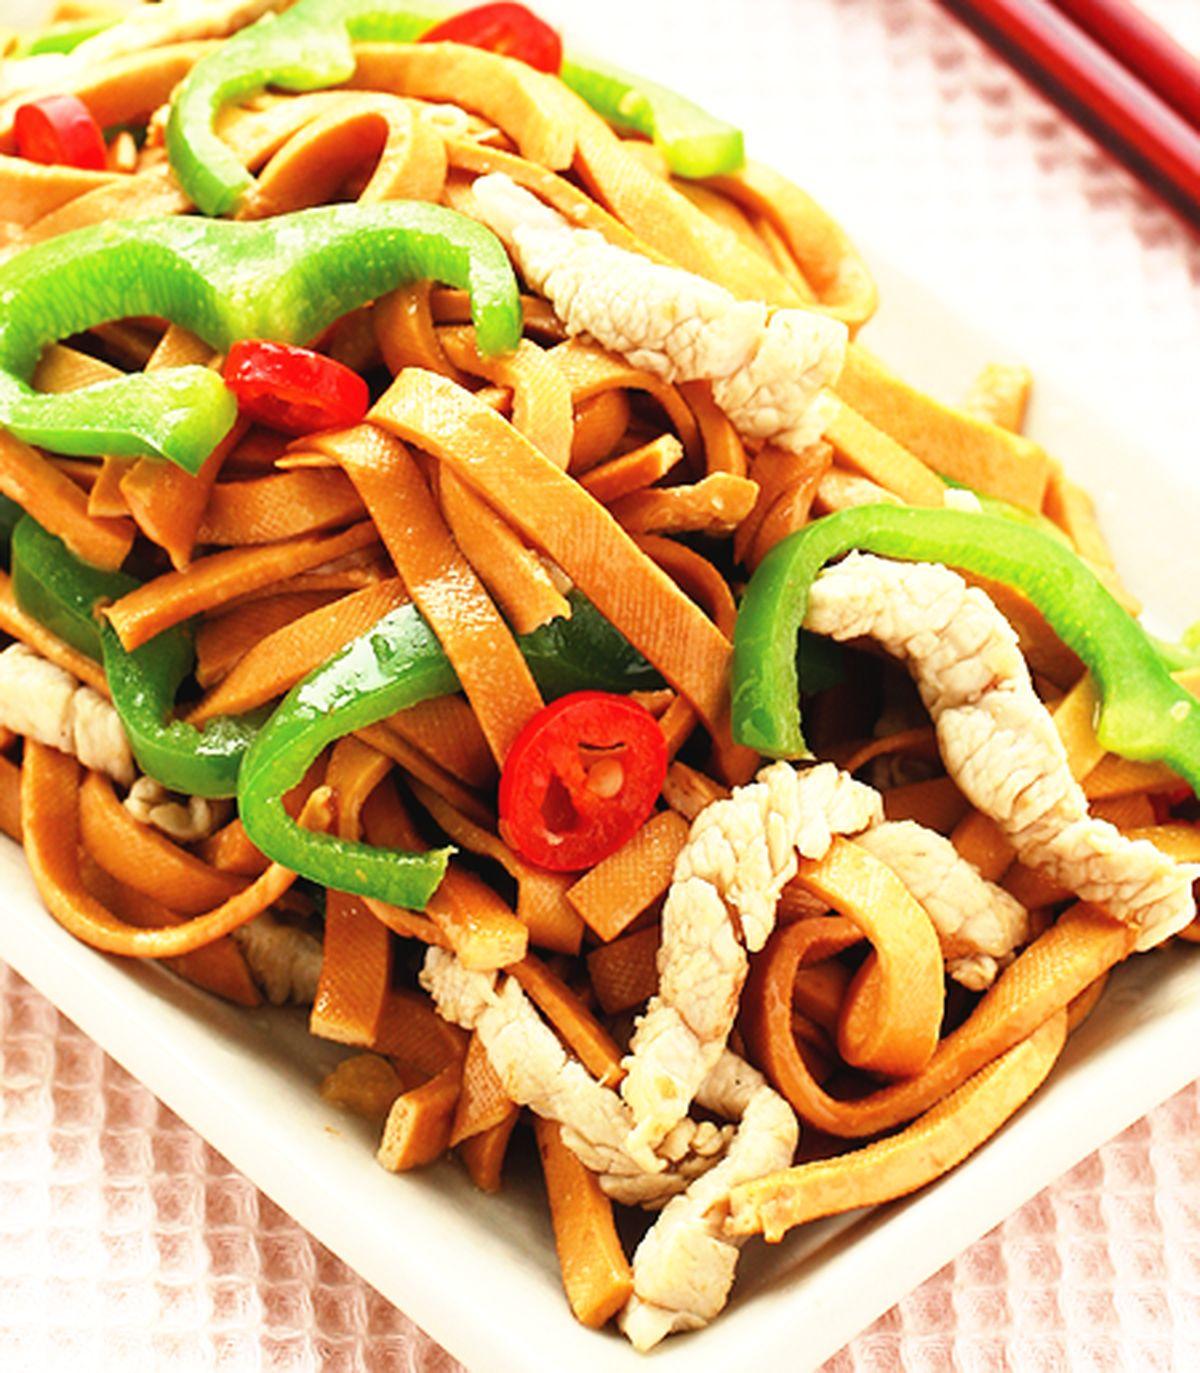 食譜:青椒炒豆干條